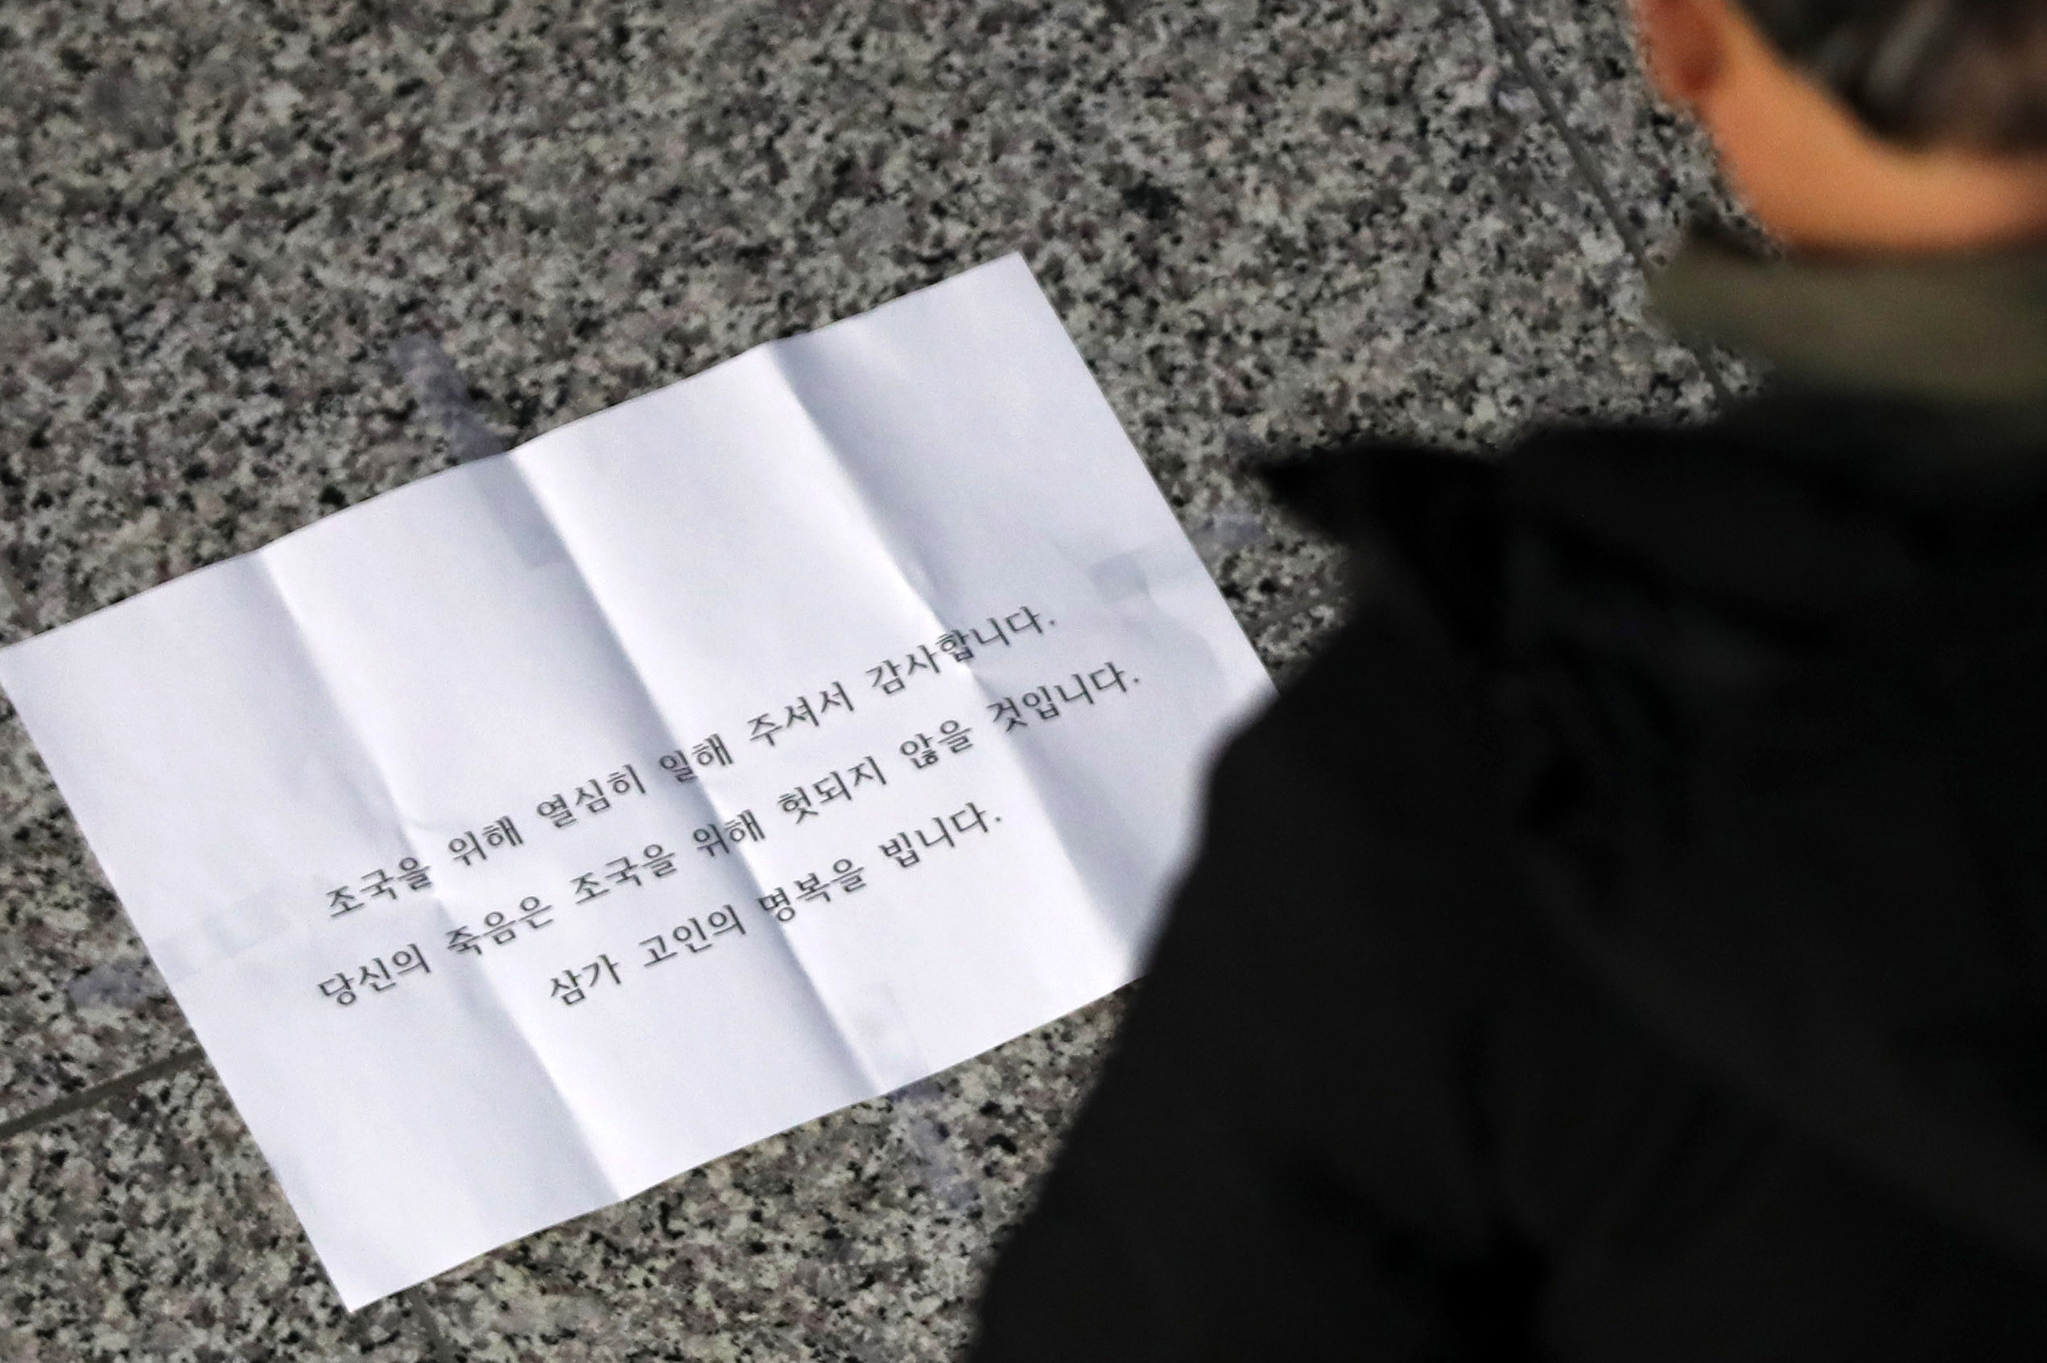 이재수 전 국군기무사령관이 투신한 7일 서울 송파구 문정동 오피스텔에 삼가 고인의 명복을 비는 문구가 적힌 종이가 놓여져 있다.[뉴스1]